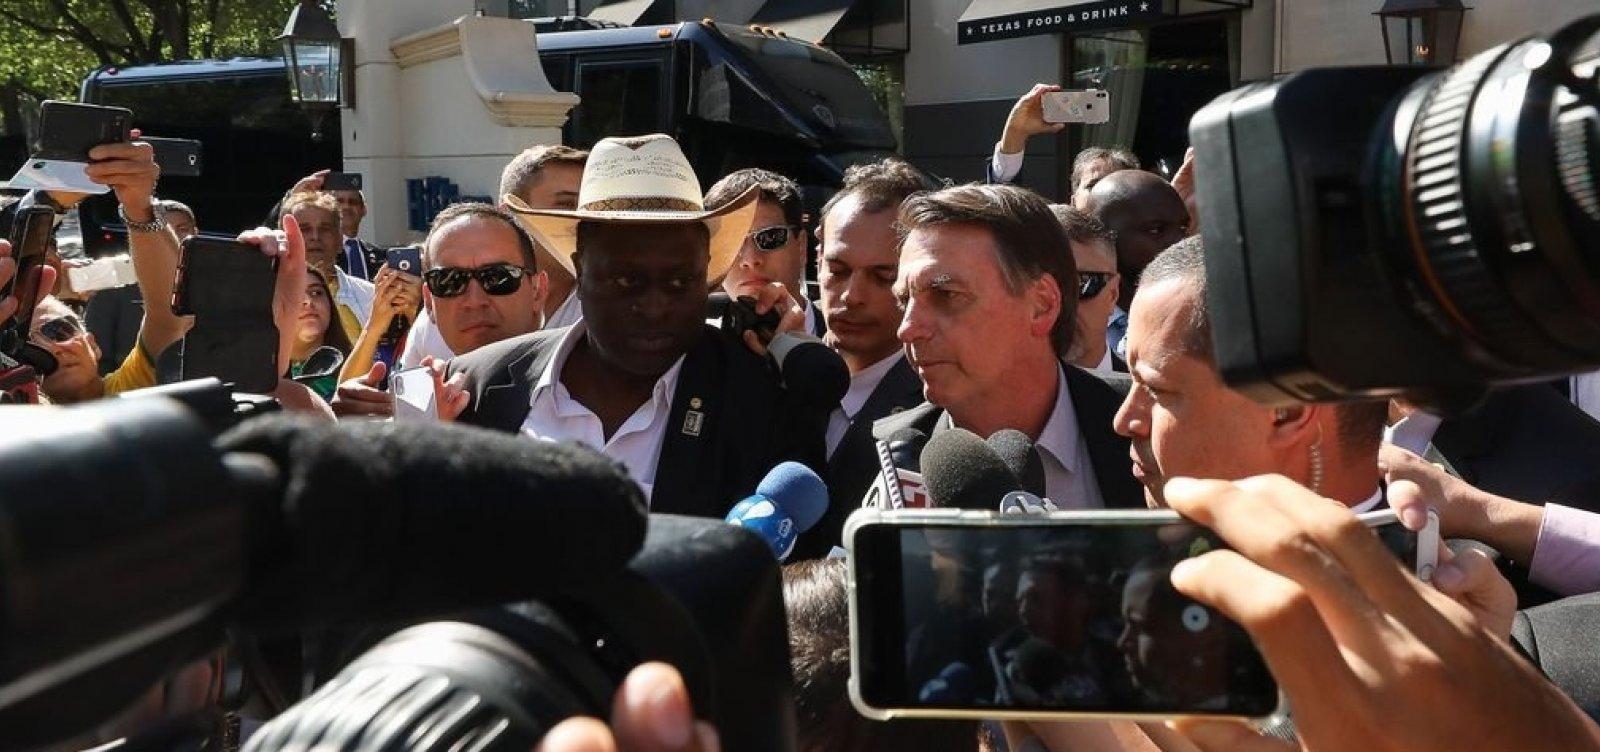 Arrecadação pequena levou a contingenciamento, diz Bolsonaro